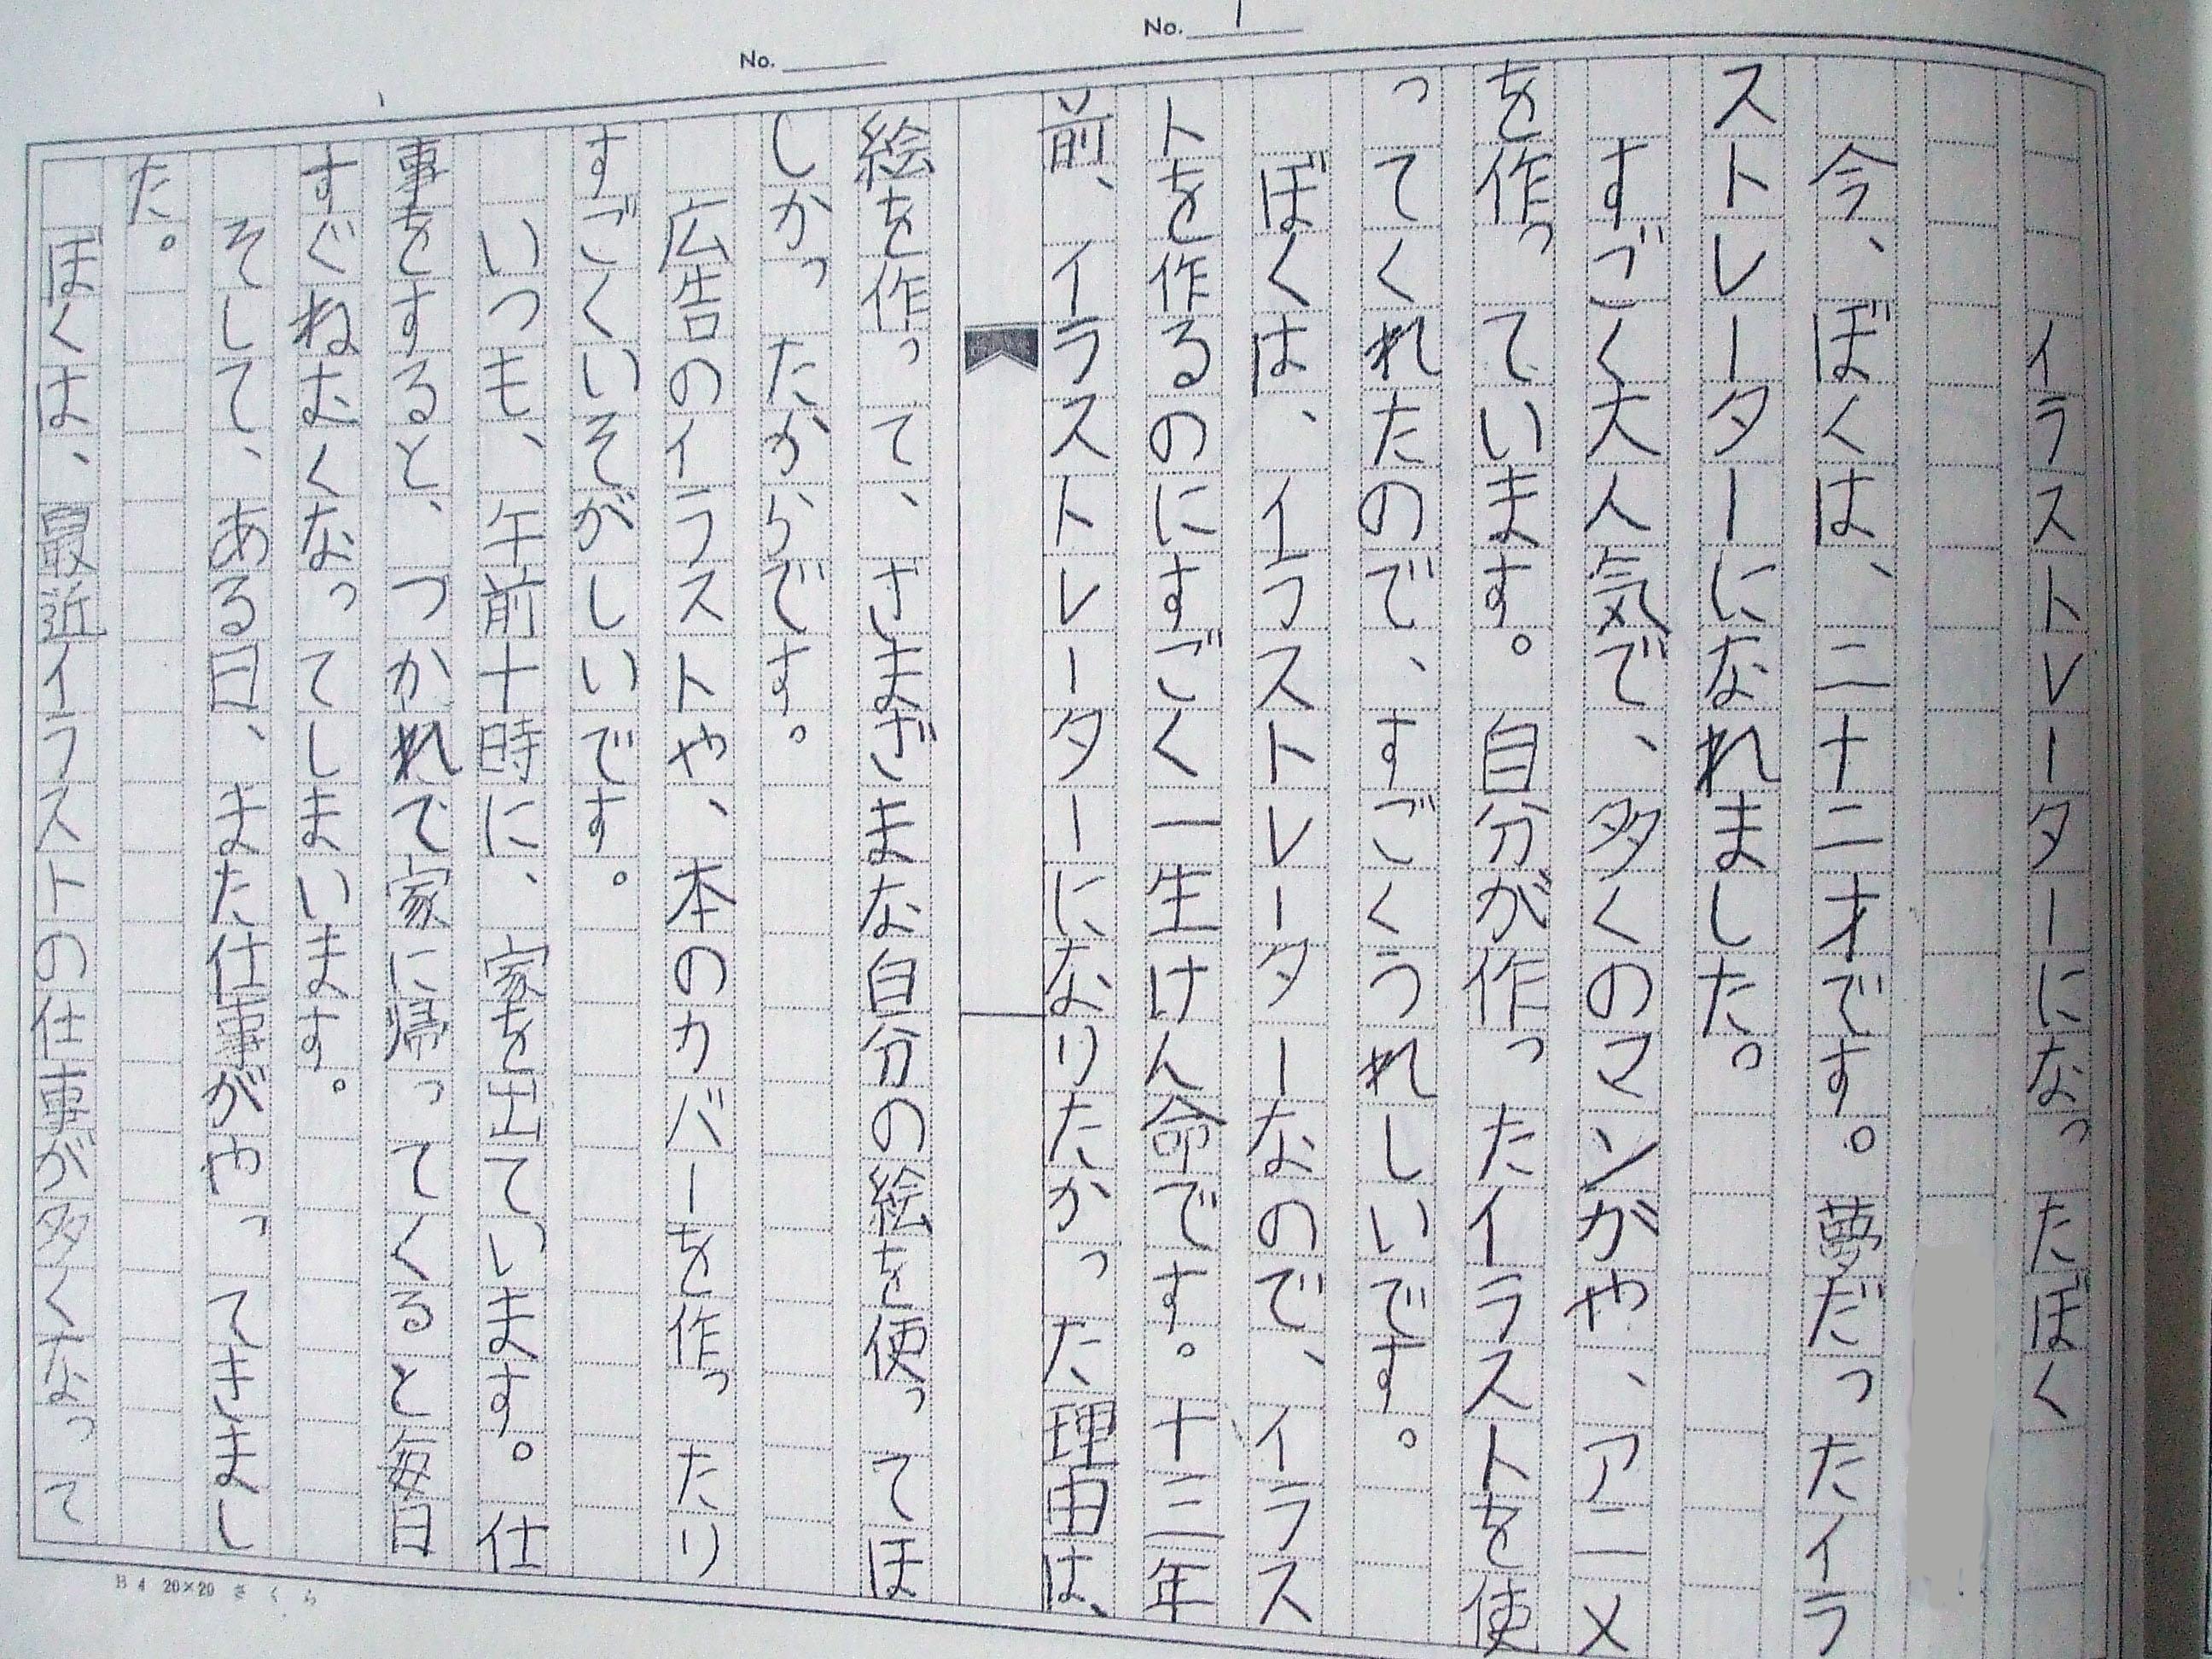 就活 レポート 原稿用紙 表紙 49 : 作文の書き方 小学生 原稿用紙 : 小学生